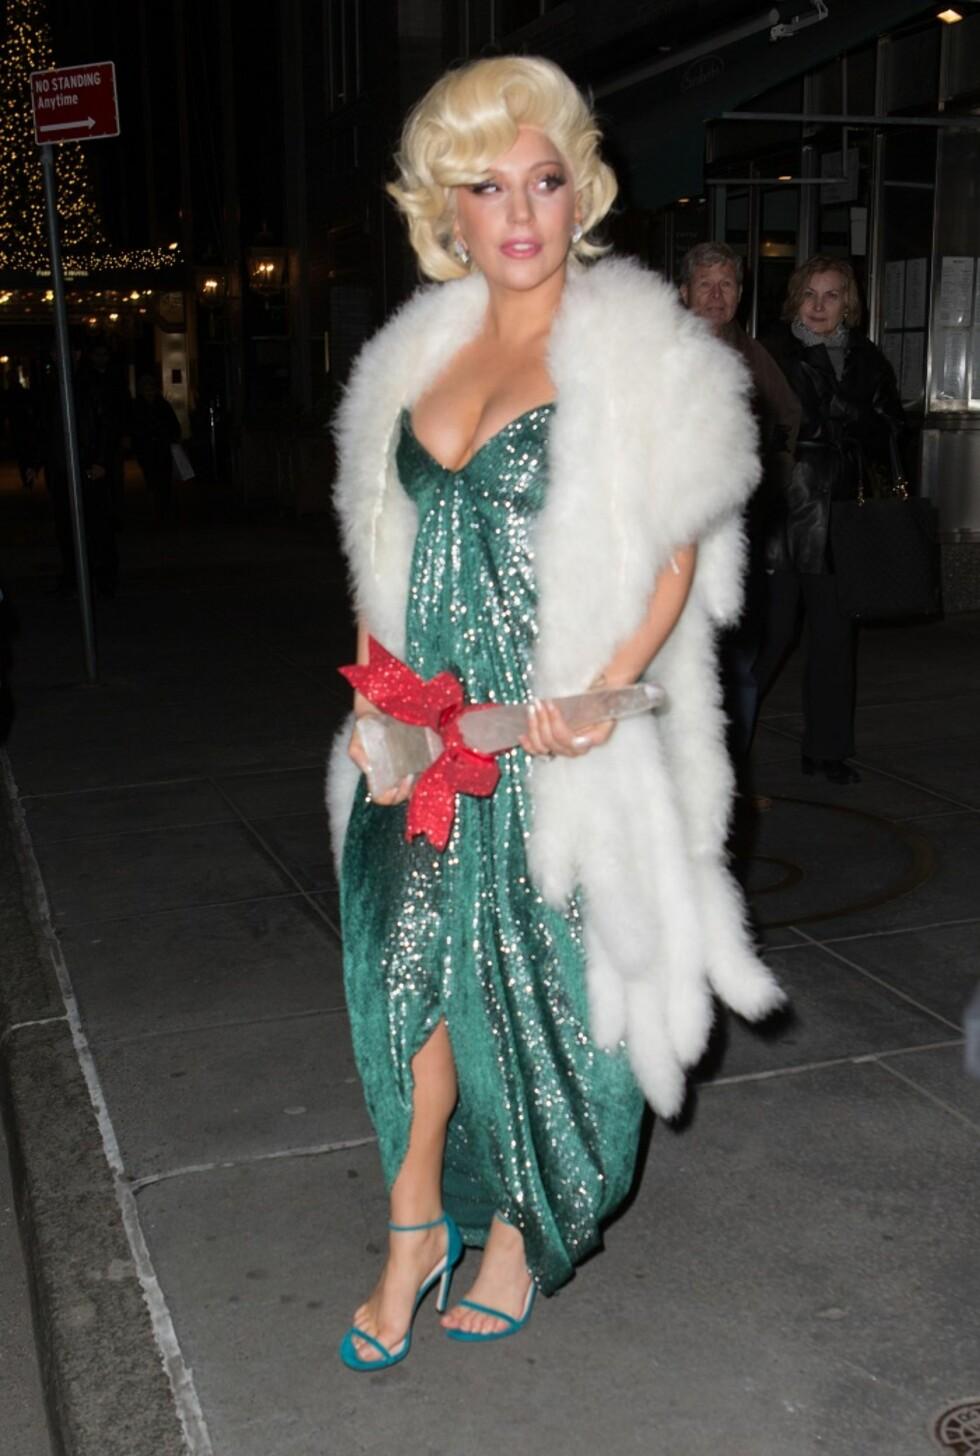 Det var vintage glamour-vibber da Lady Gaga dro på juleselskap i New York.   Foto: All Over